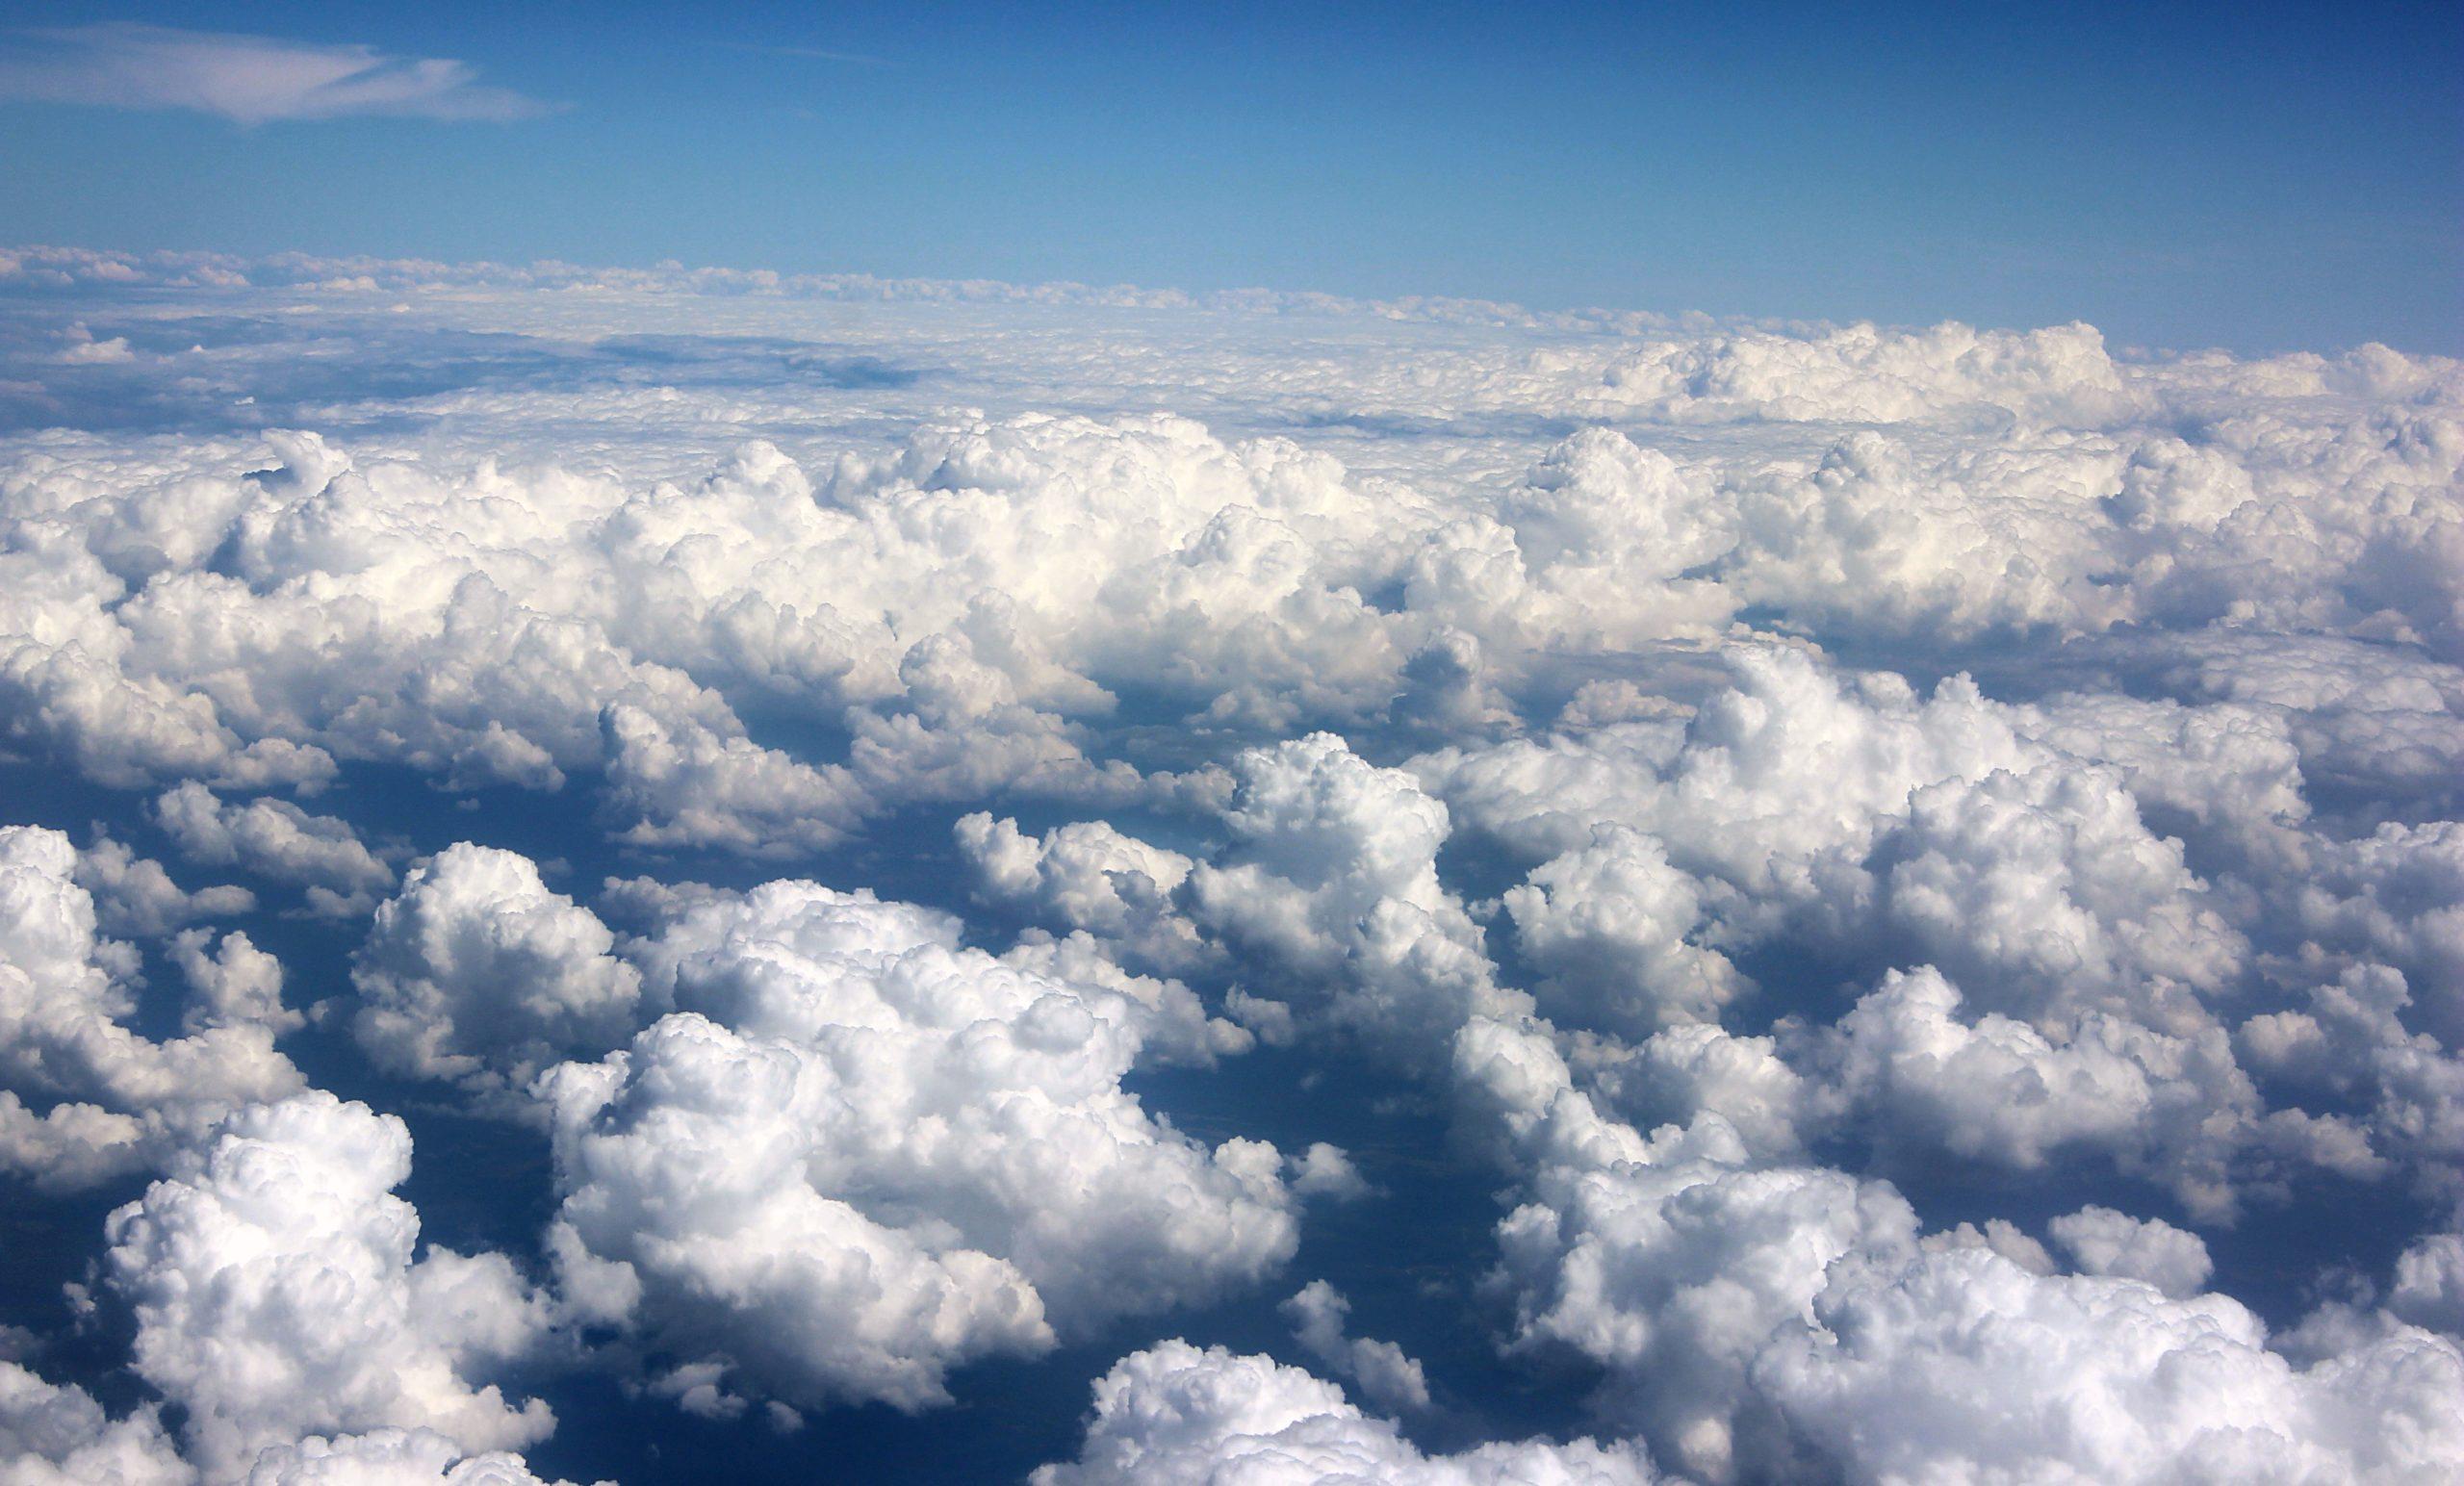 Почему облака движутся иногда в разных направлениях?